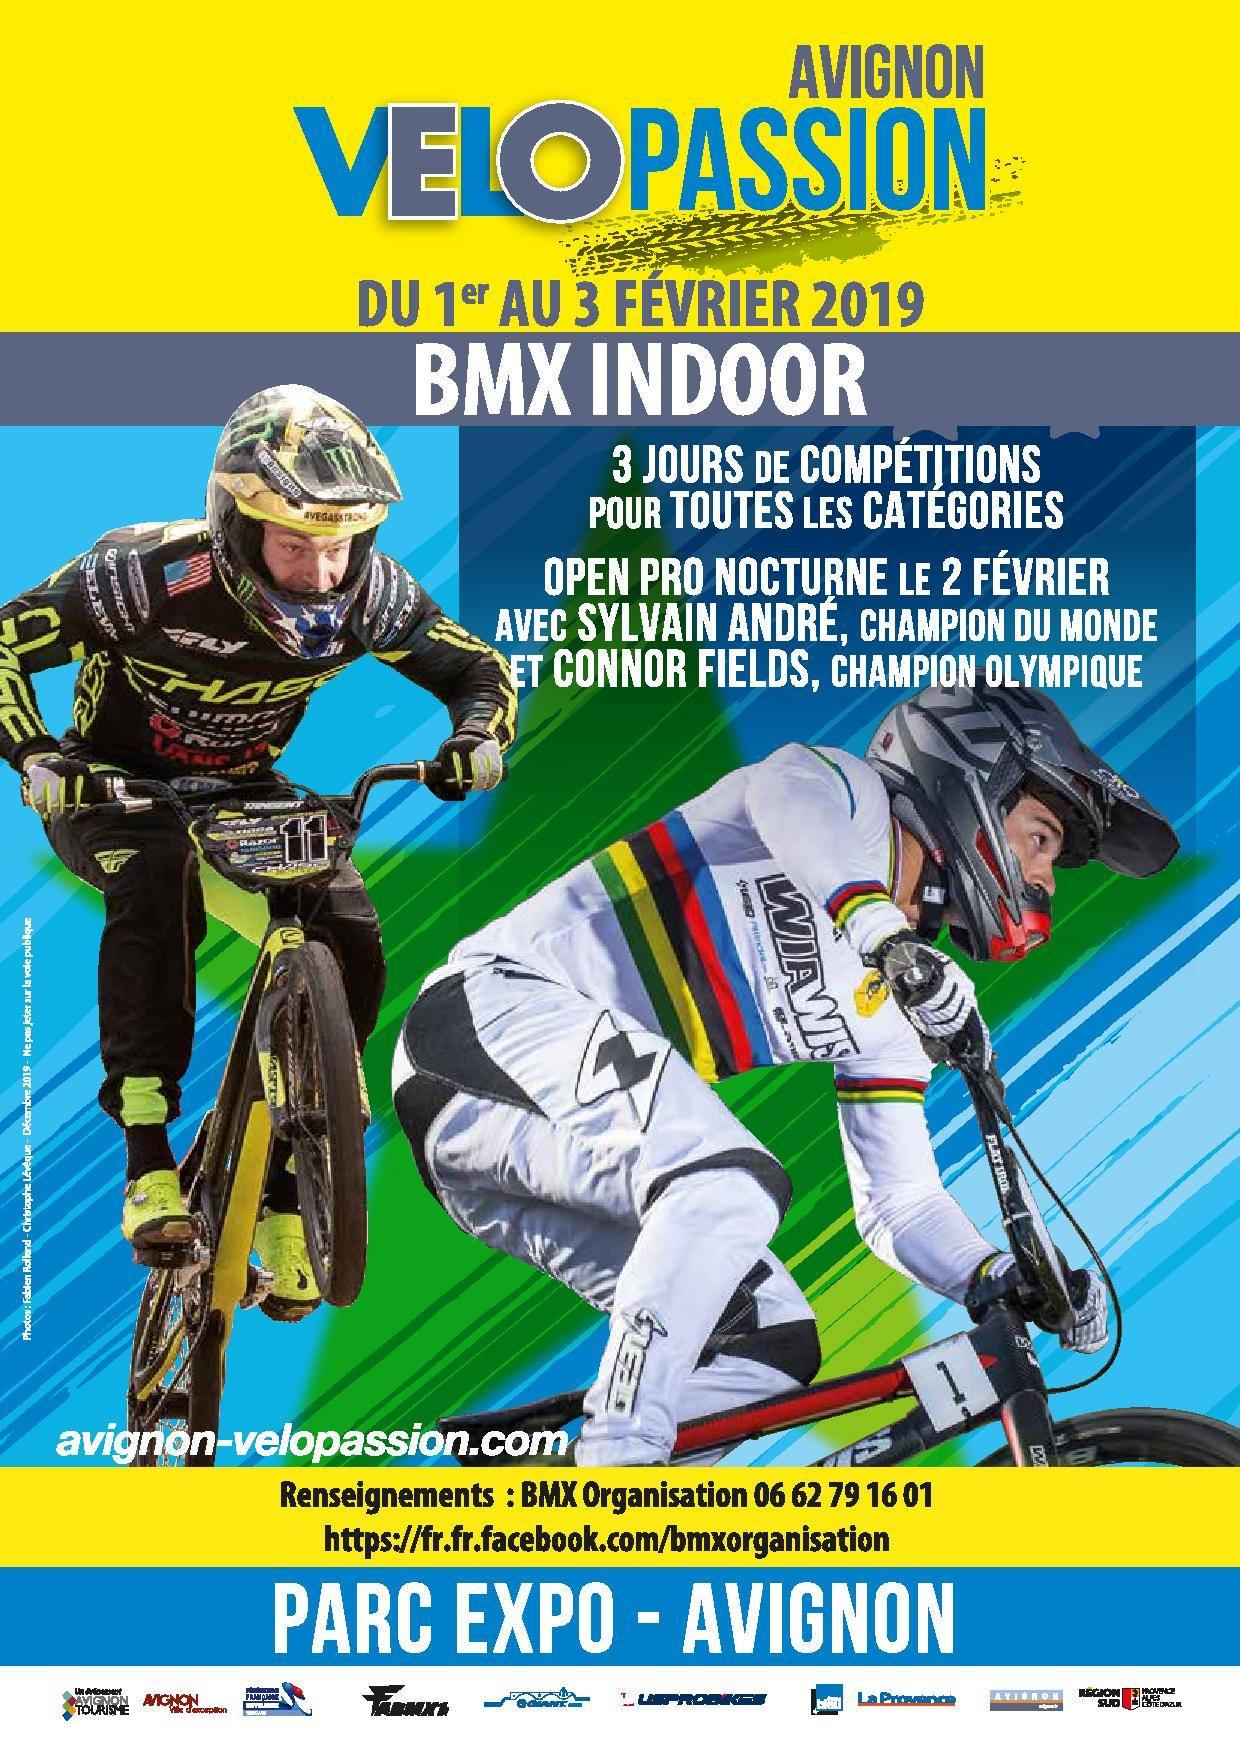 INDOOR BMX D'AVIGNON & OLD SCHOOL: Les dernières infos